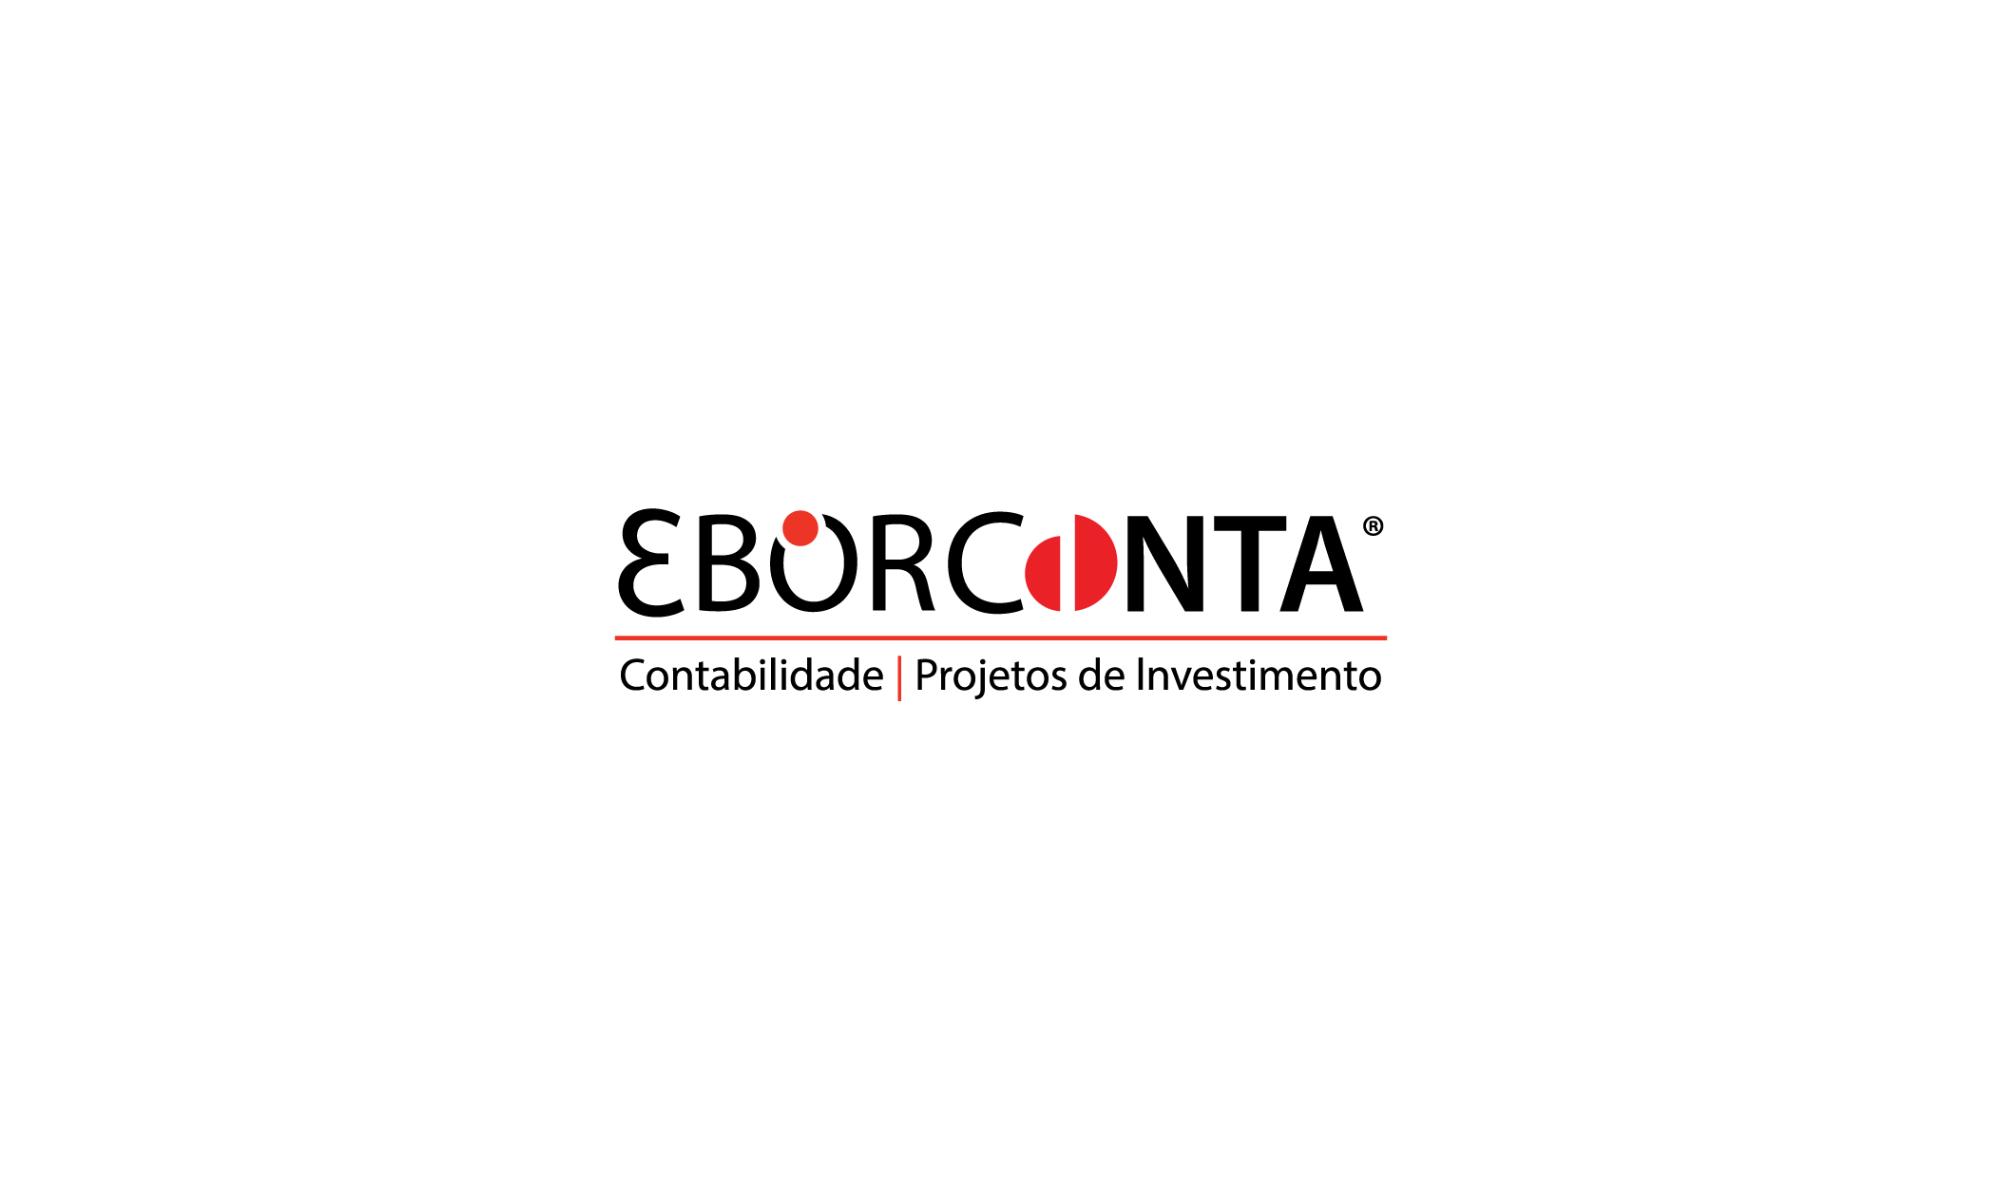 EBORCONTA®